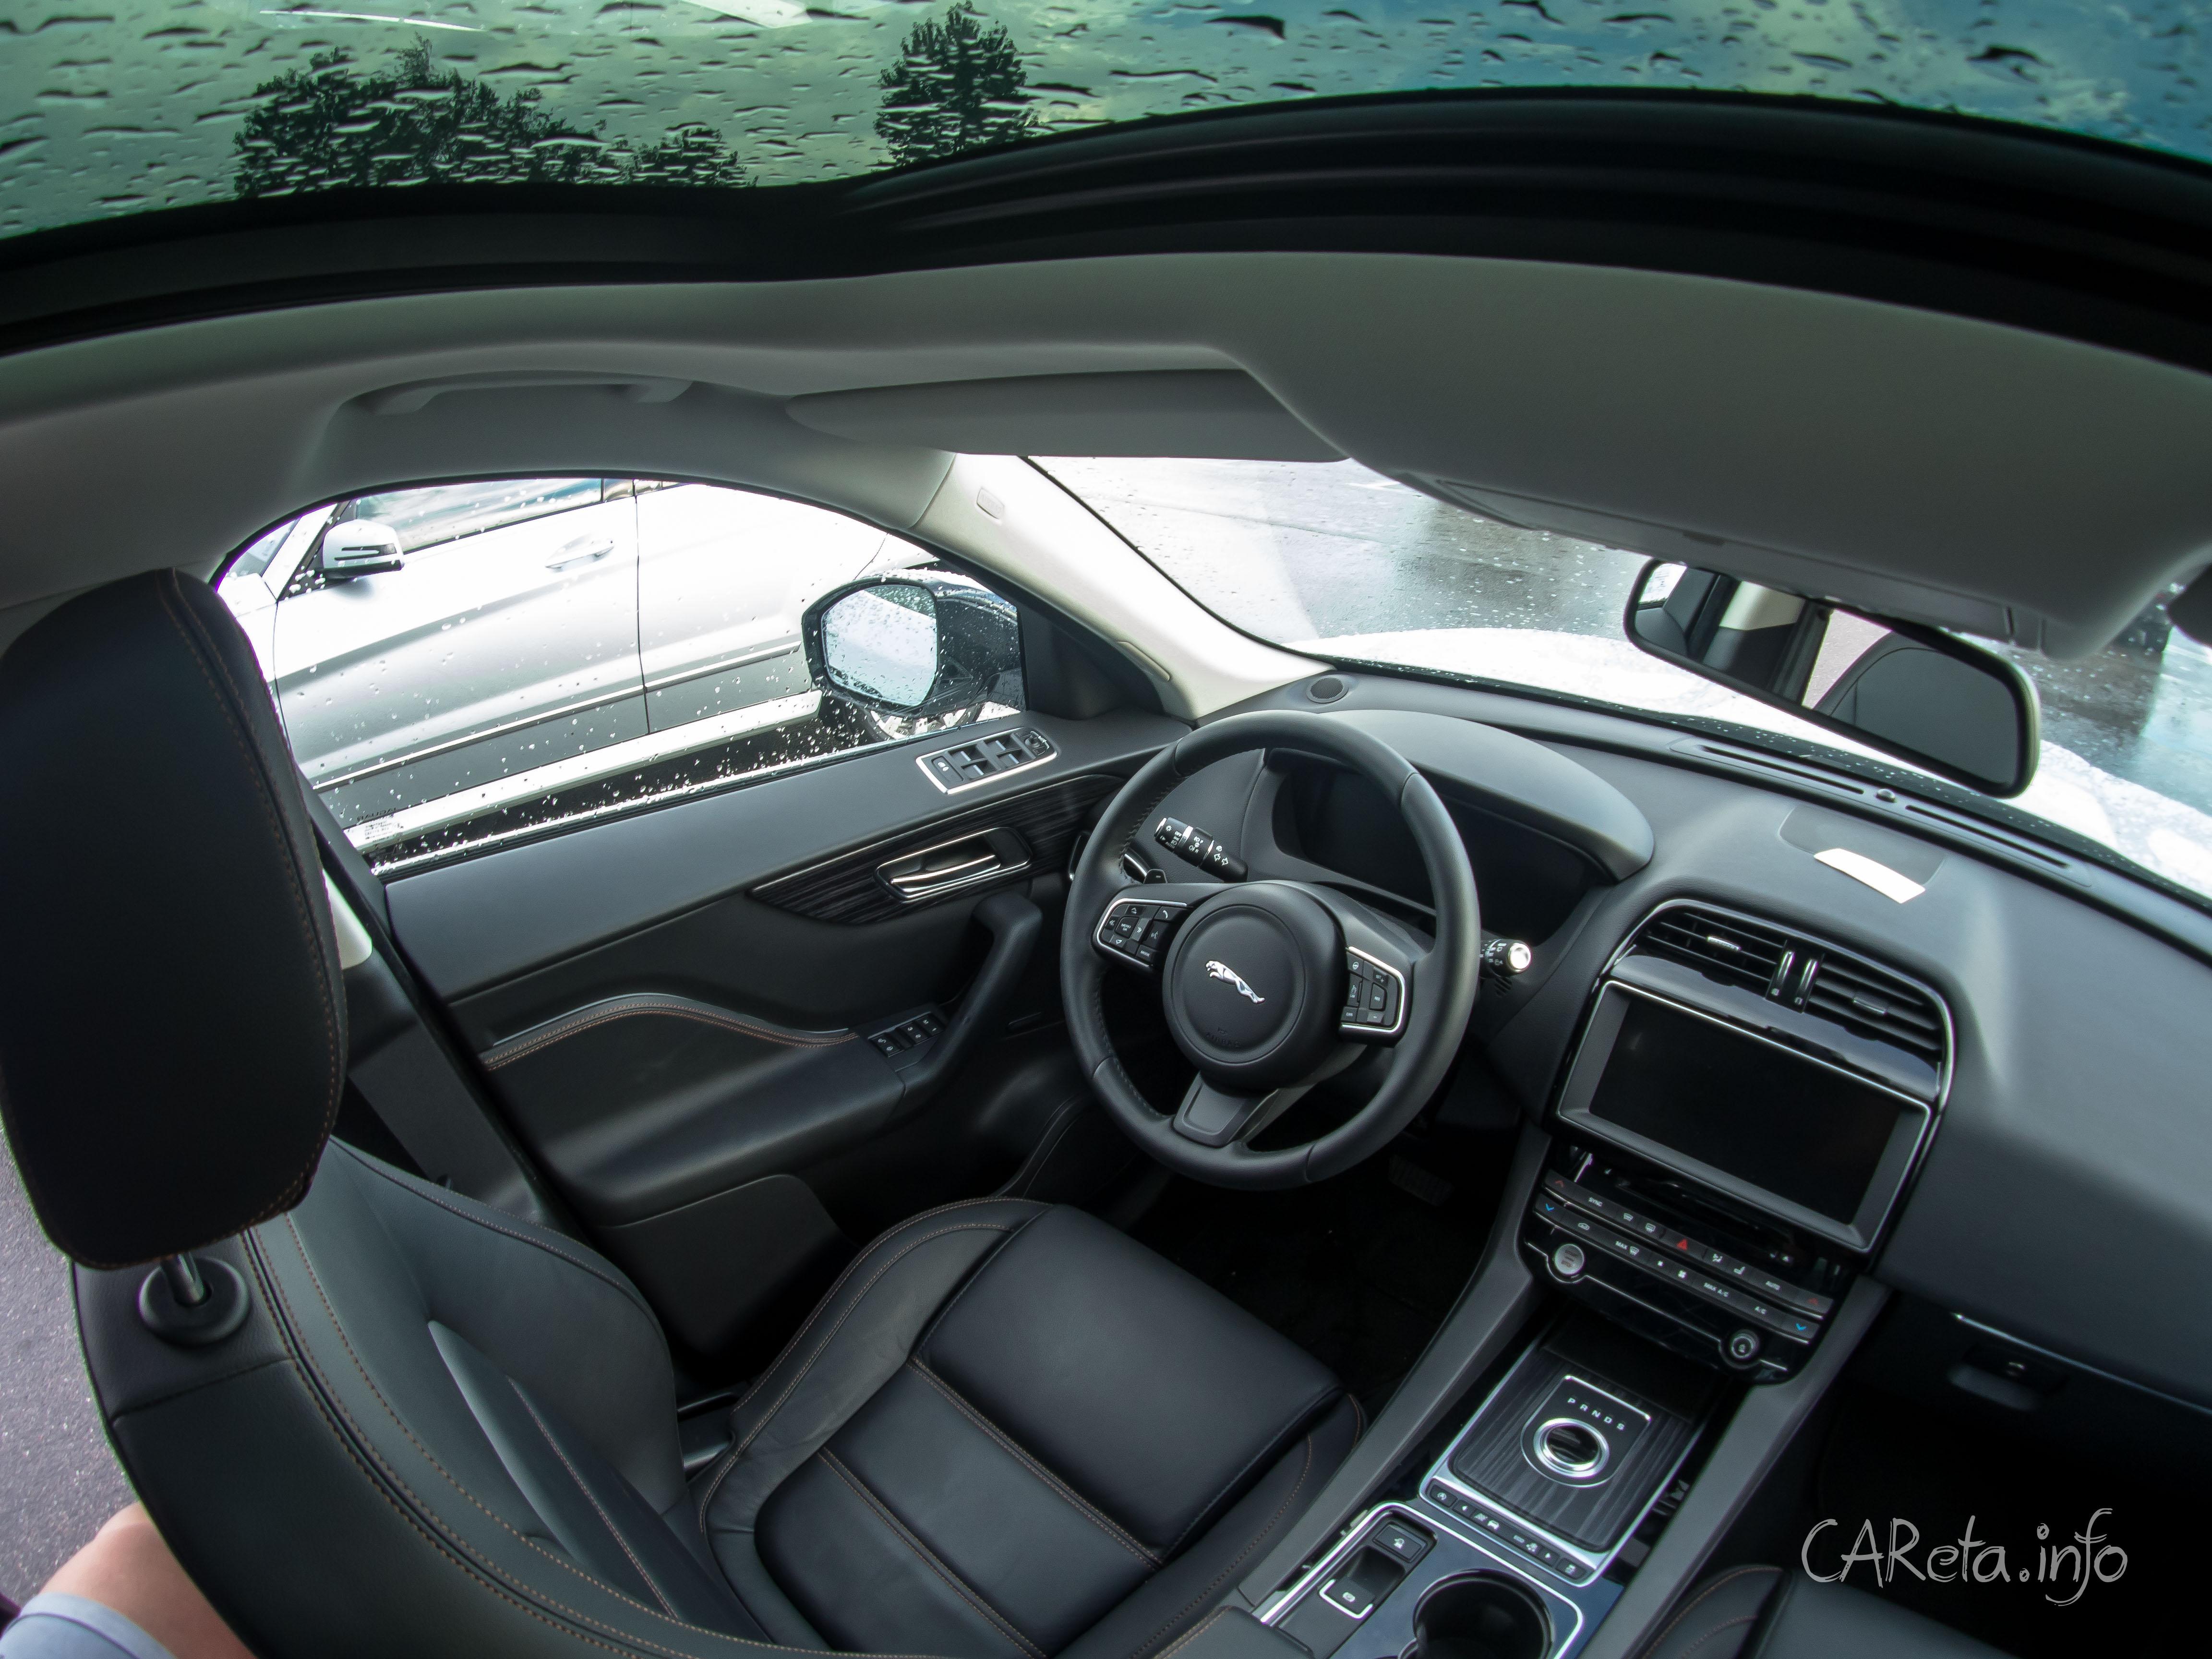 Jaguar F-Pace test careta.info